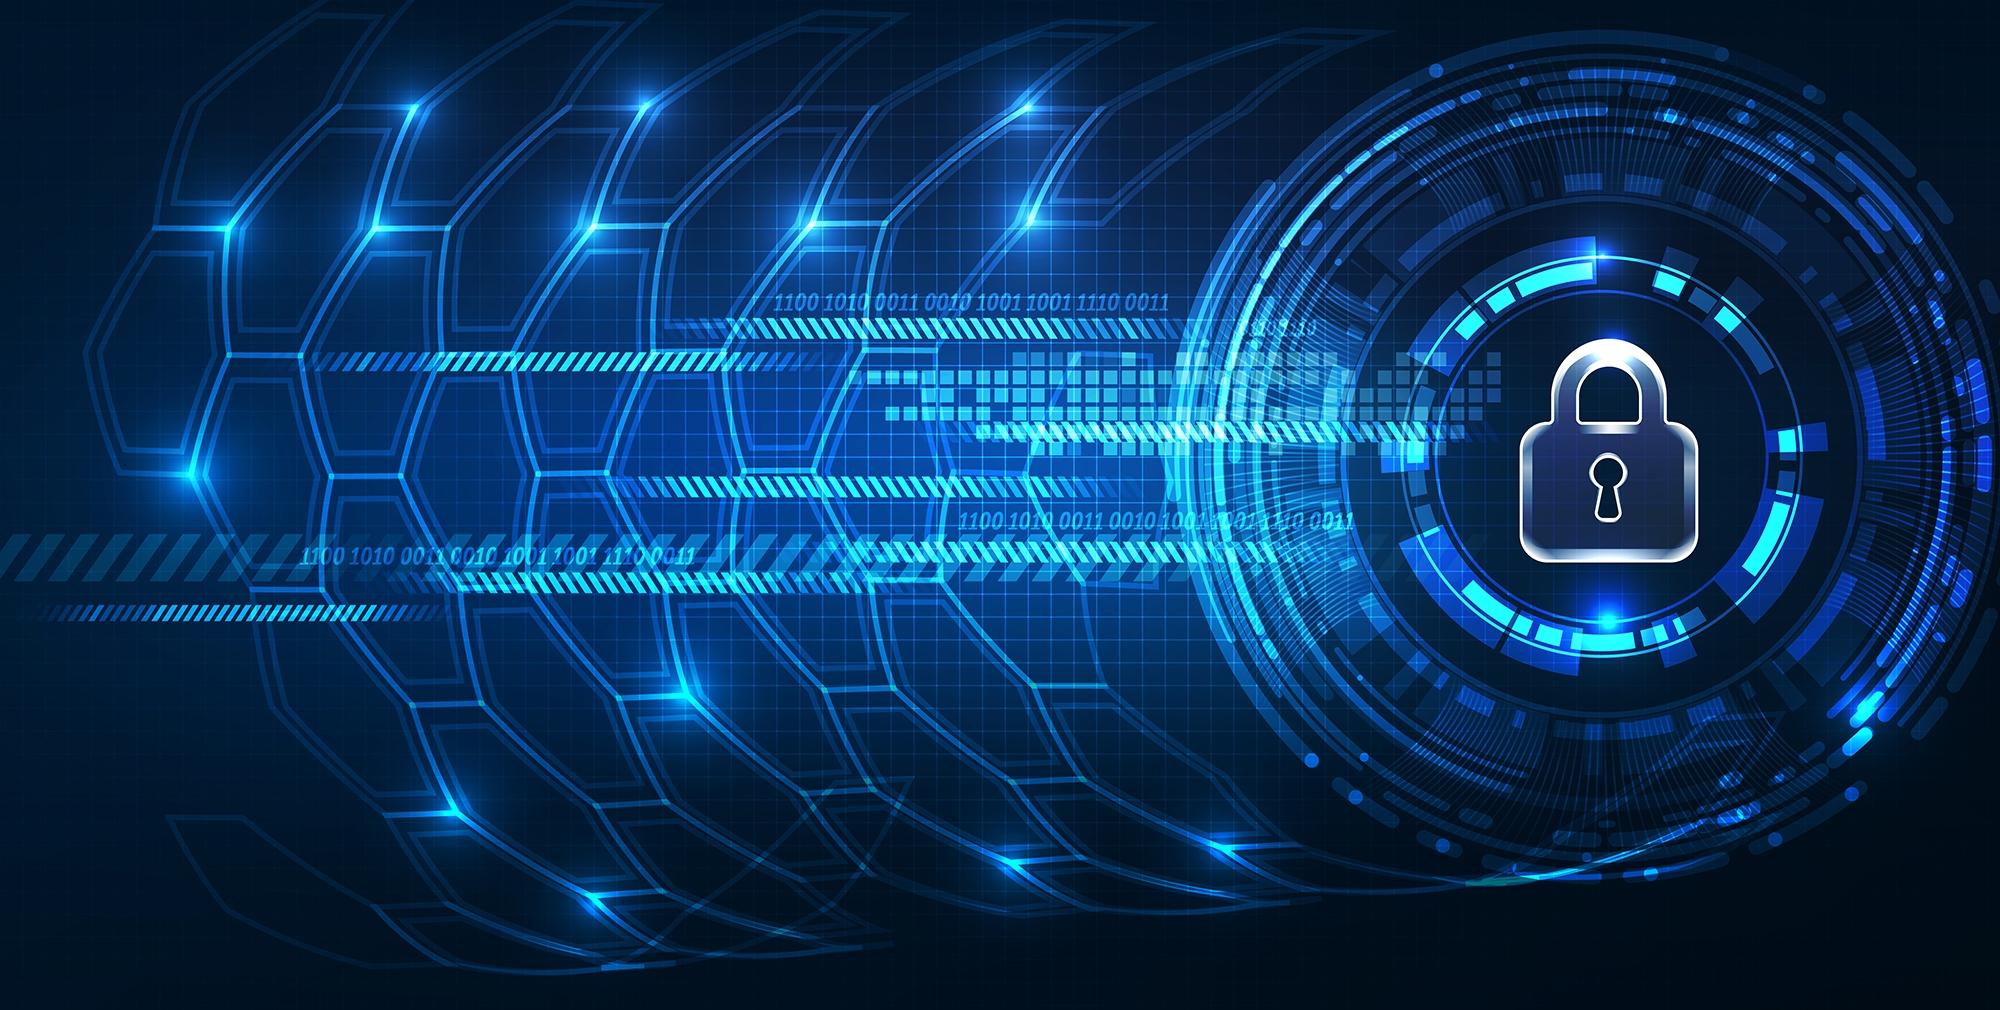 MR. CYBEROO   Episodio 2 – 500 milioni di dati esposti al cybercrime